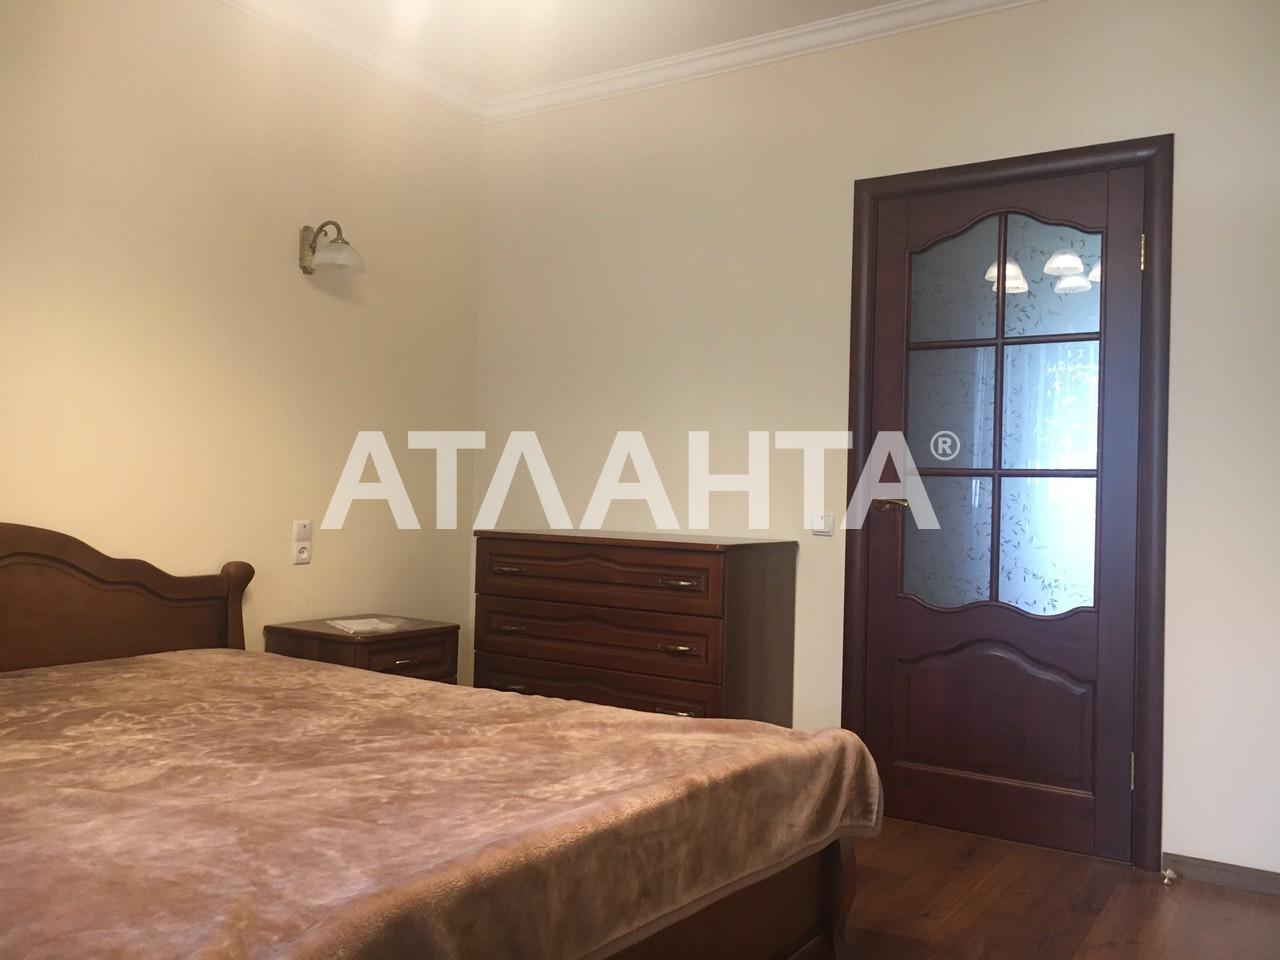 Продается 3-комнатная Квартира на ул. Высоцкого — 50 000 у.е. (фото №8)